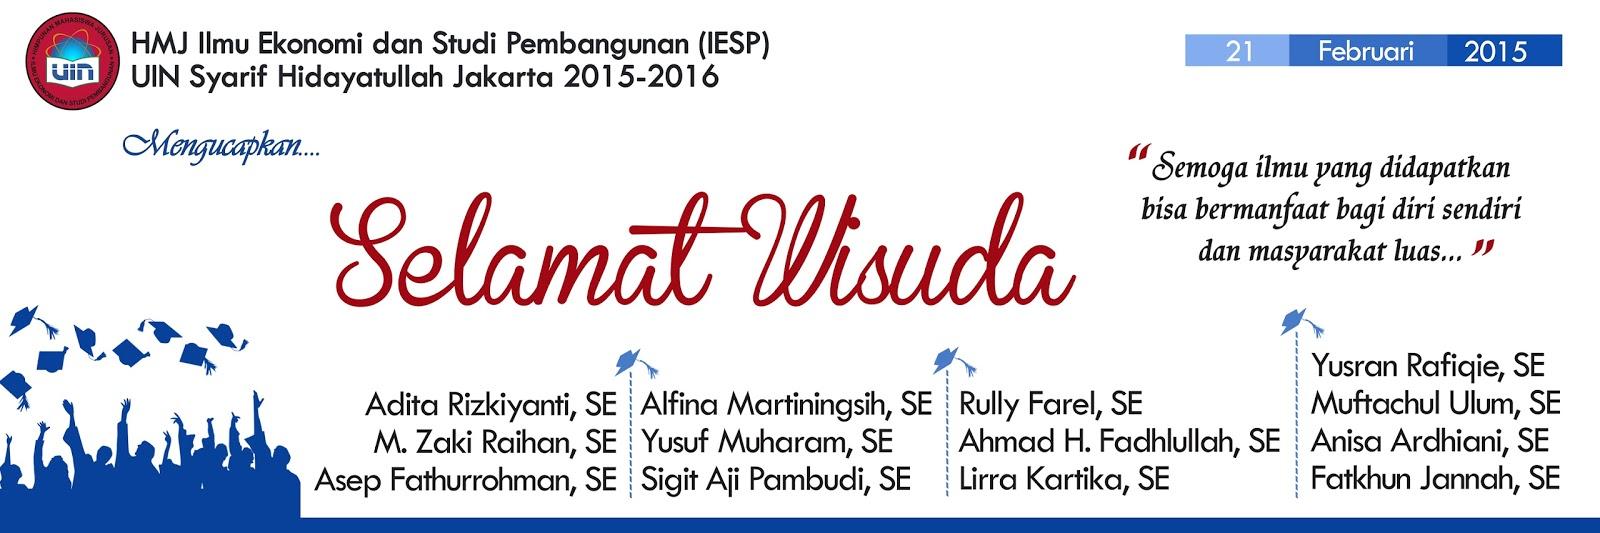 Design banner wisuda - Banner Wisuda Iesp 2015